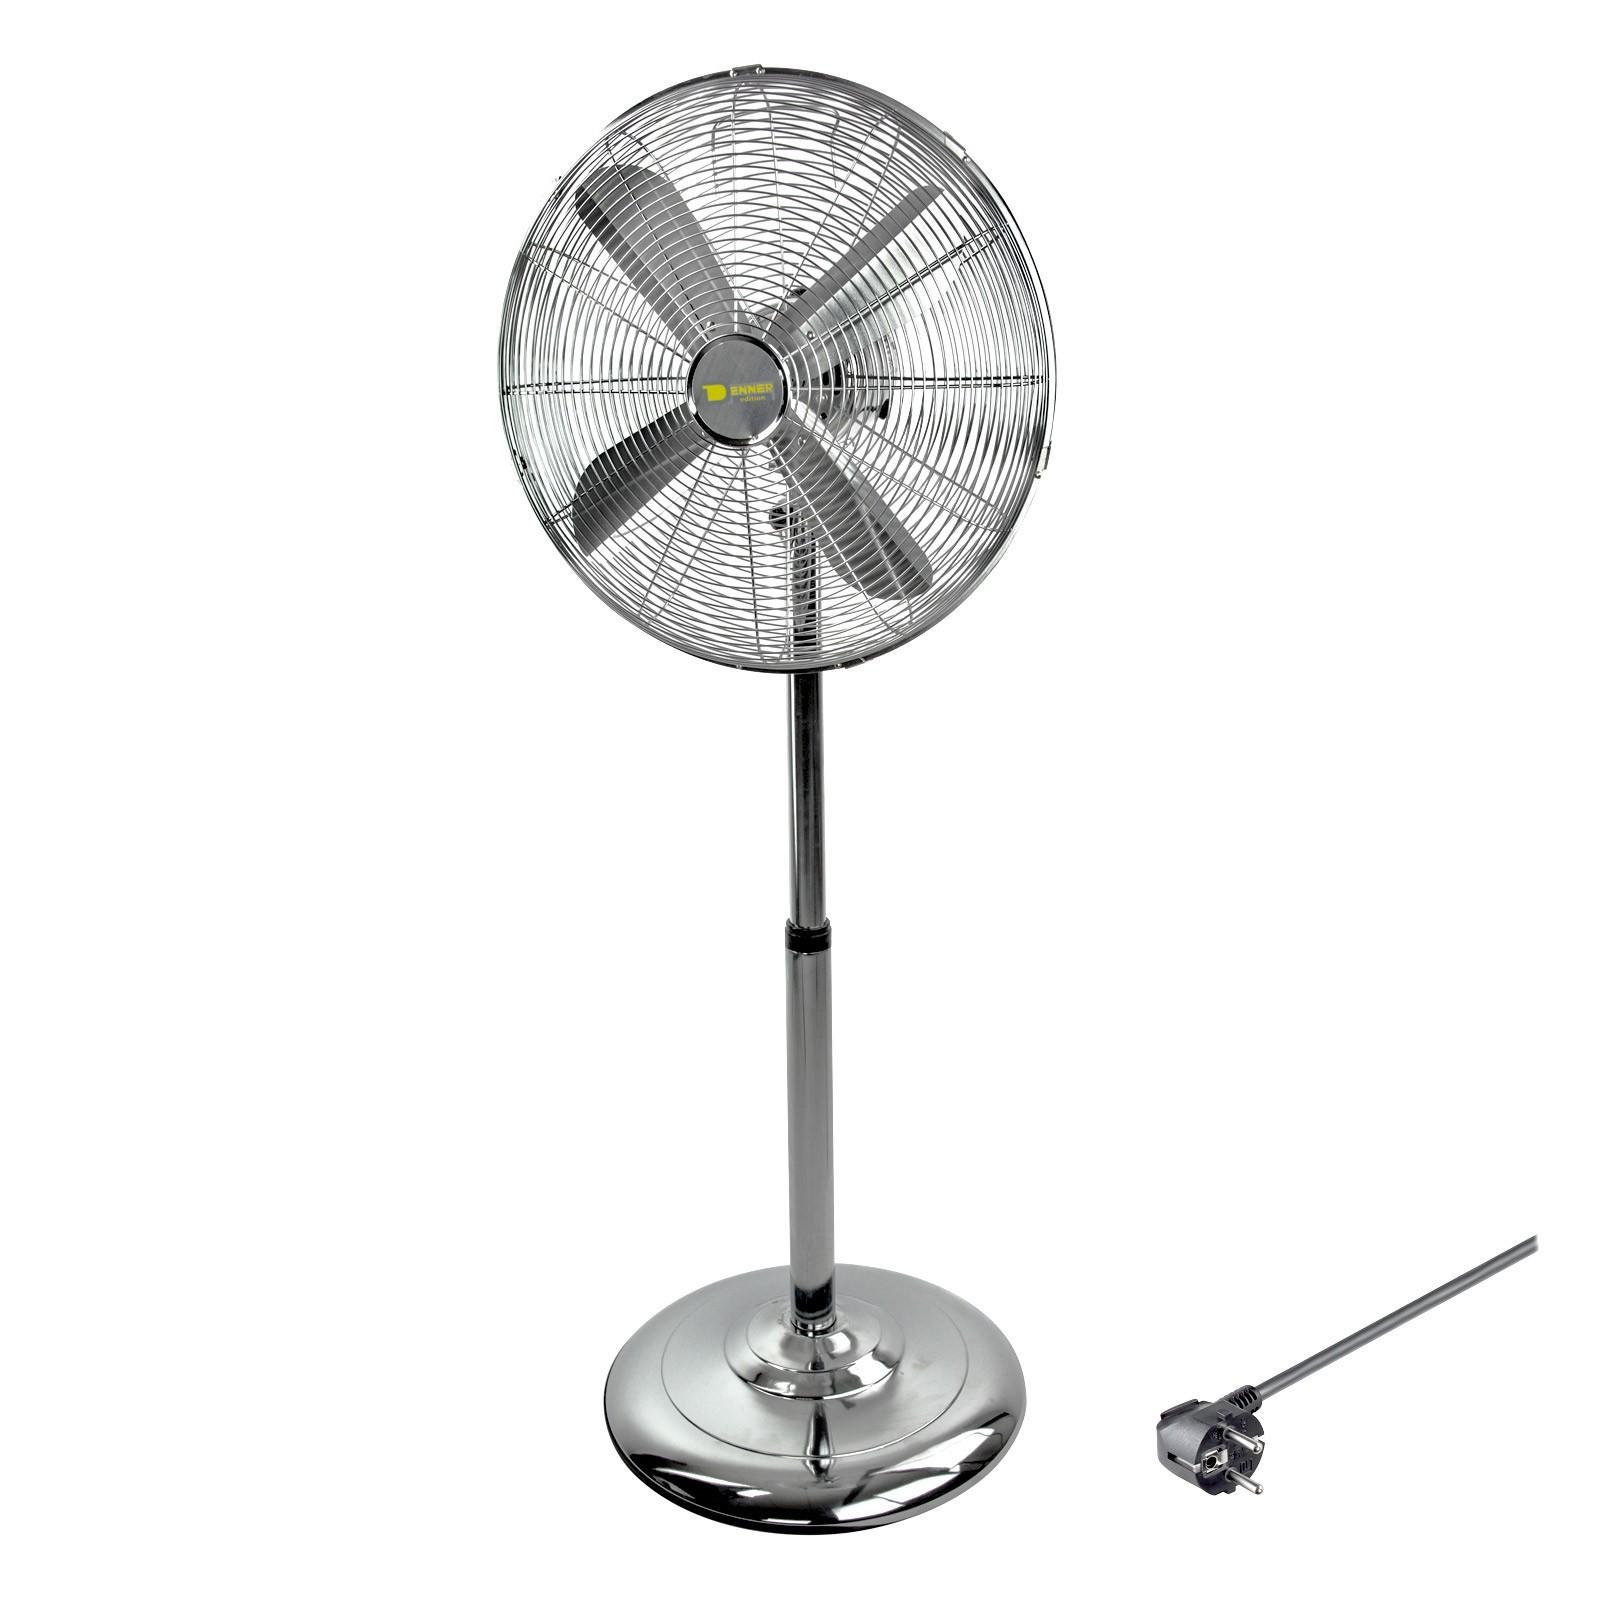 Dema Metall Standventilator Ventilator Bodenventilator Ø 40 cm + 3 Geschwindigkeiten 94202